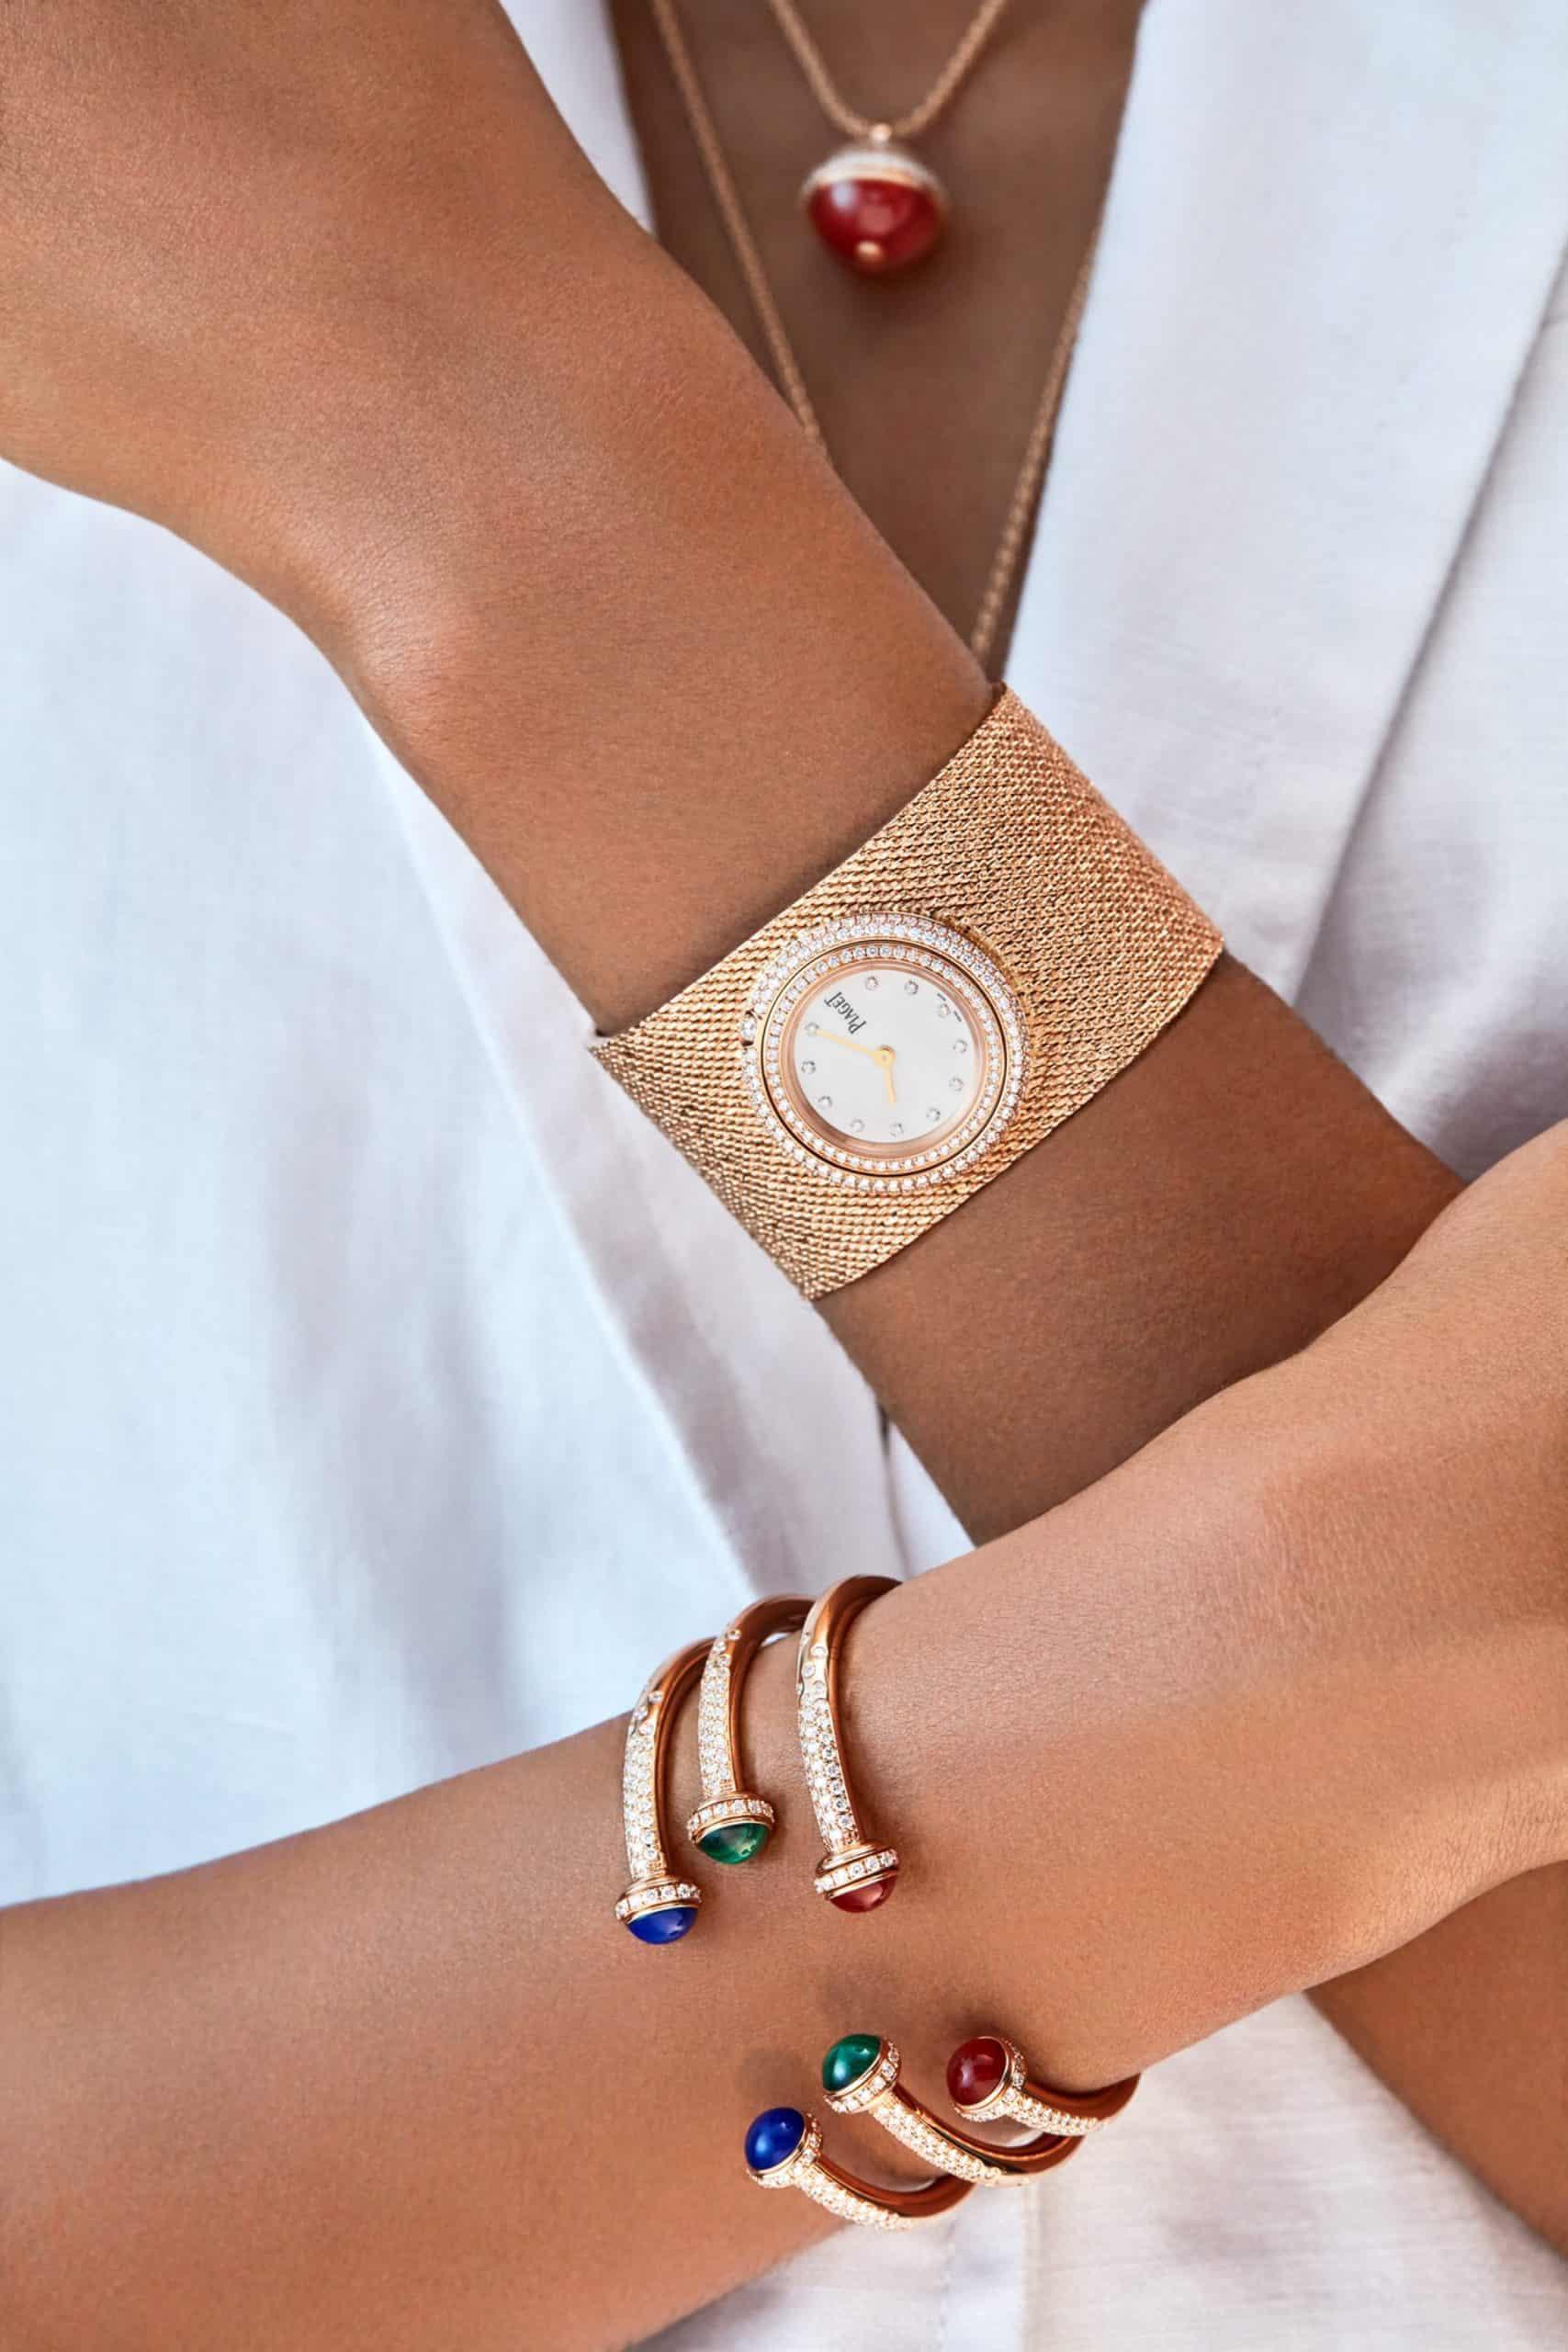 Chabi Nouri braucht ihre Energie gleichermaßen für Uhren wie Schmuck.